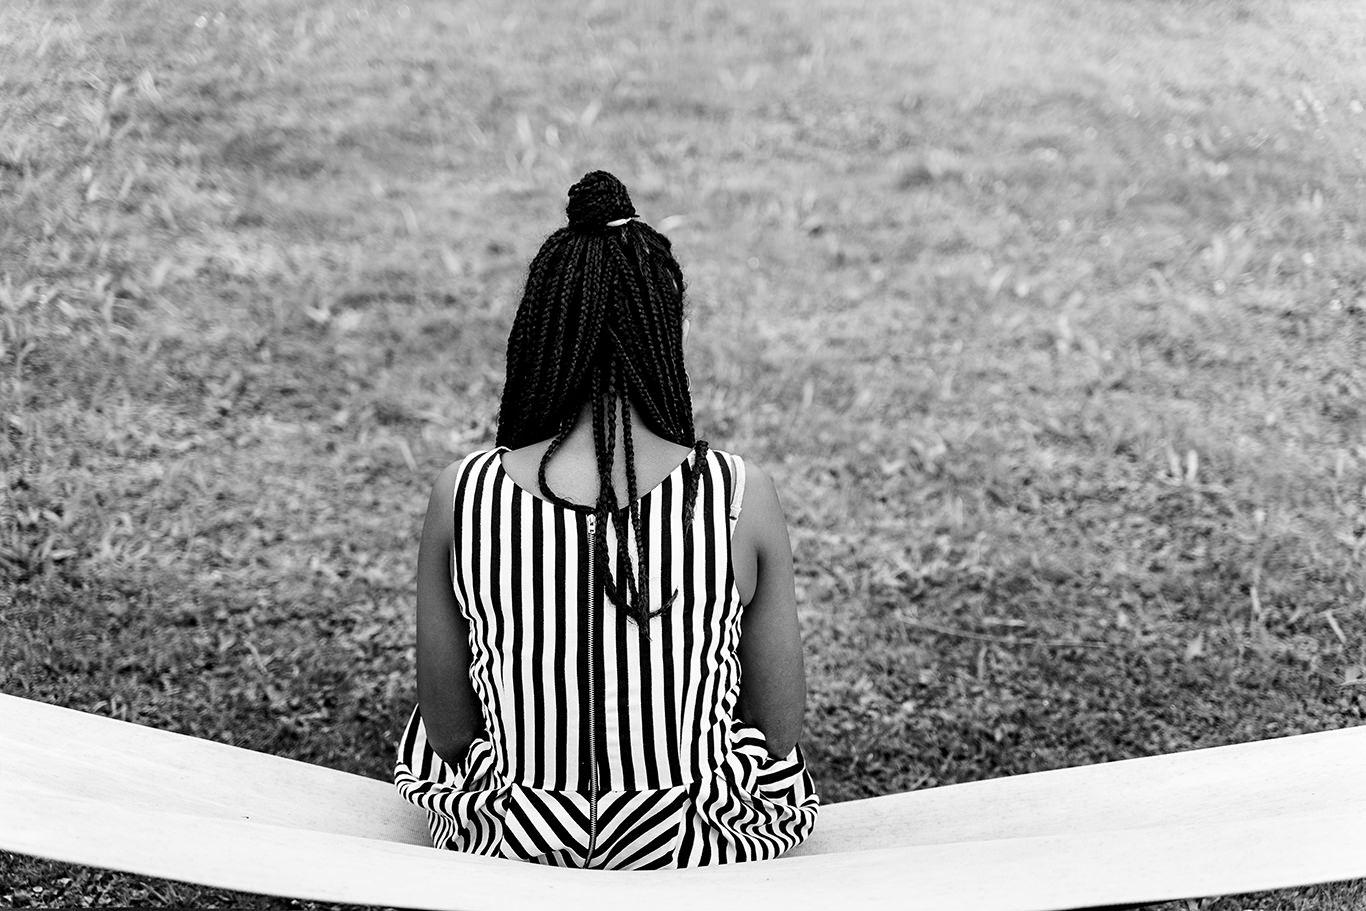 Linii in alb negru